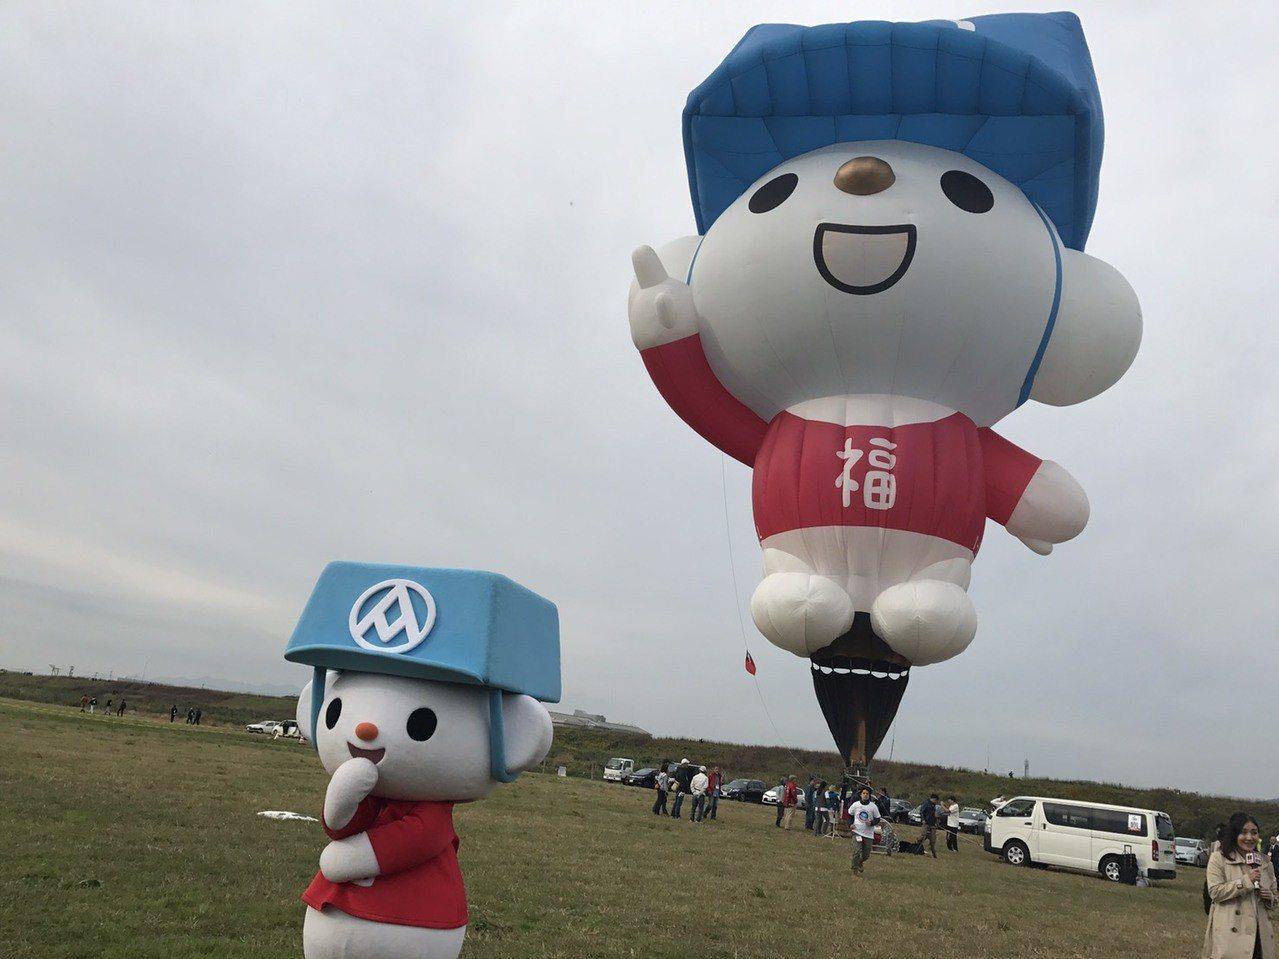 全聯福利熊和全聯福利熊熱氣球,成為今年日本佐賀熱氣球節的亮眼新星。 記者葉卉軒/...